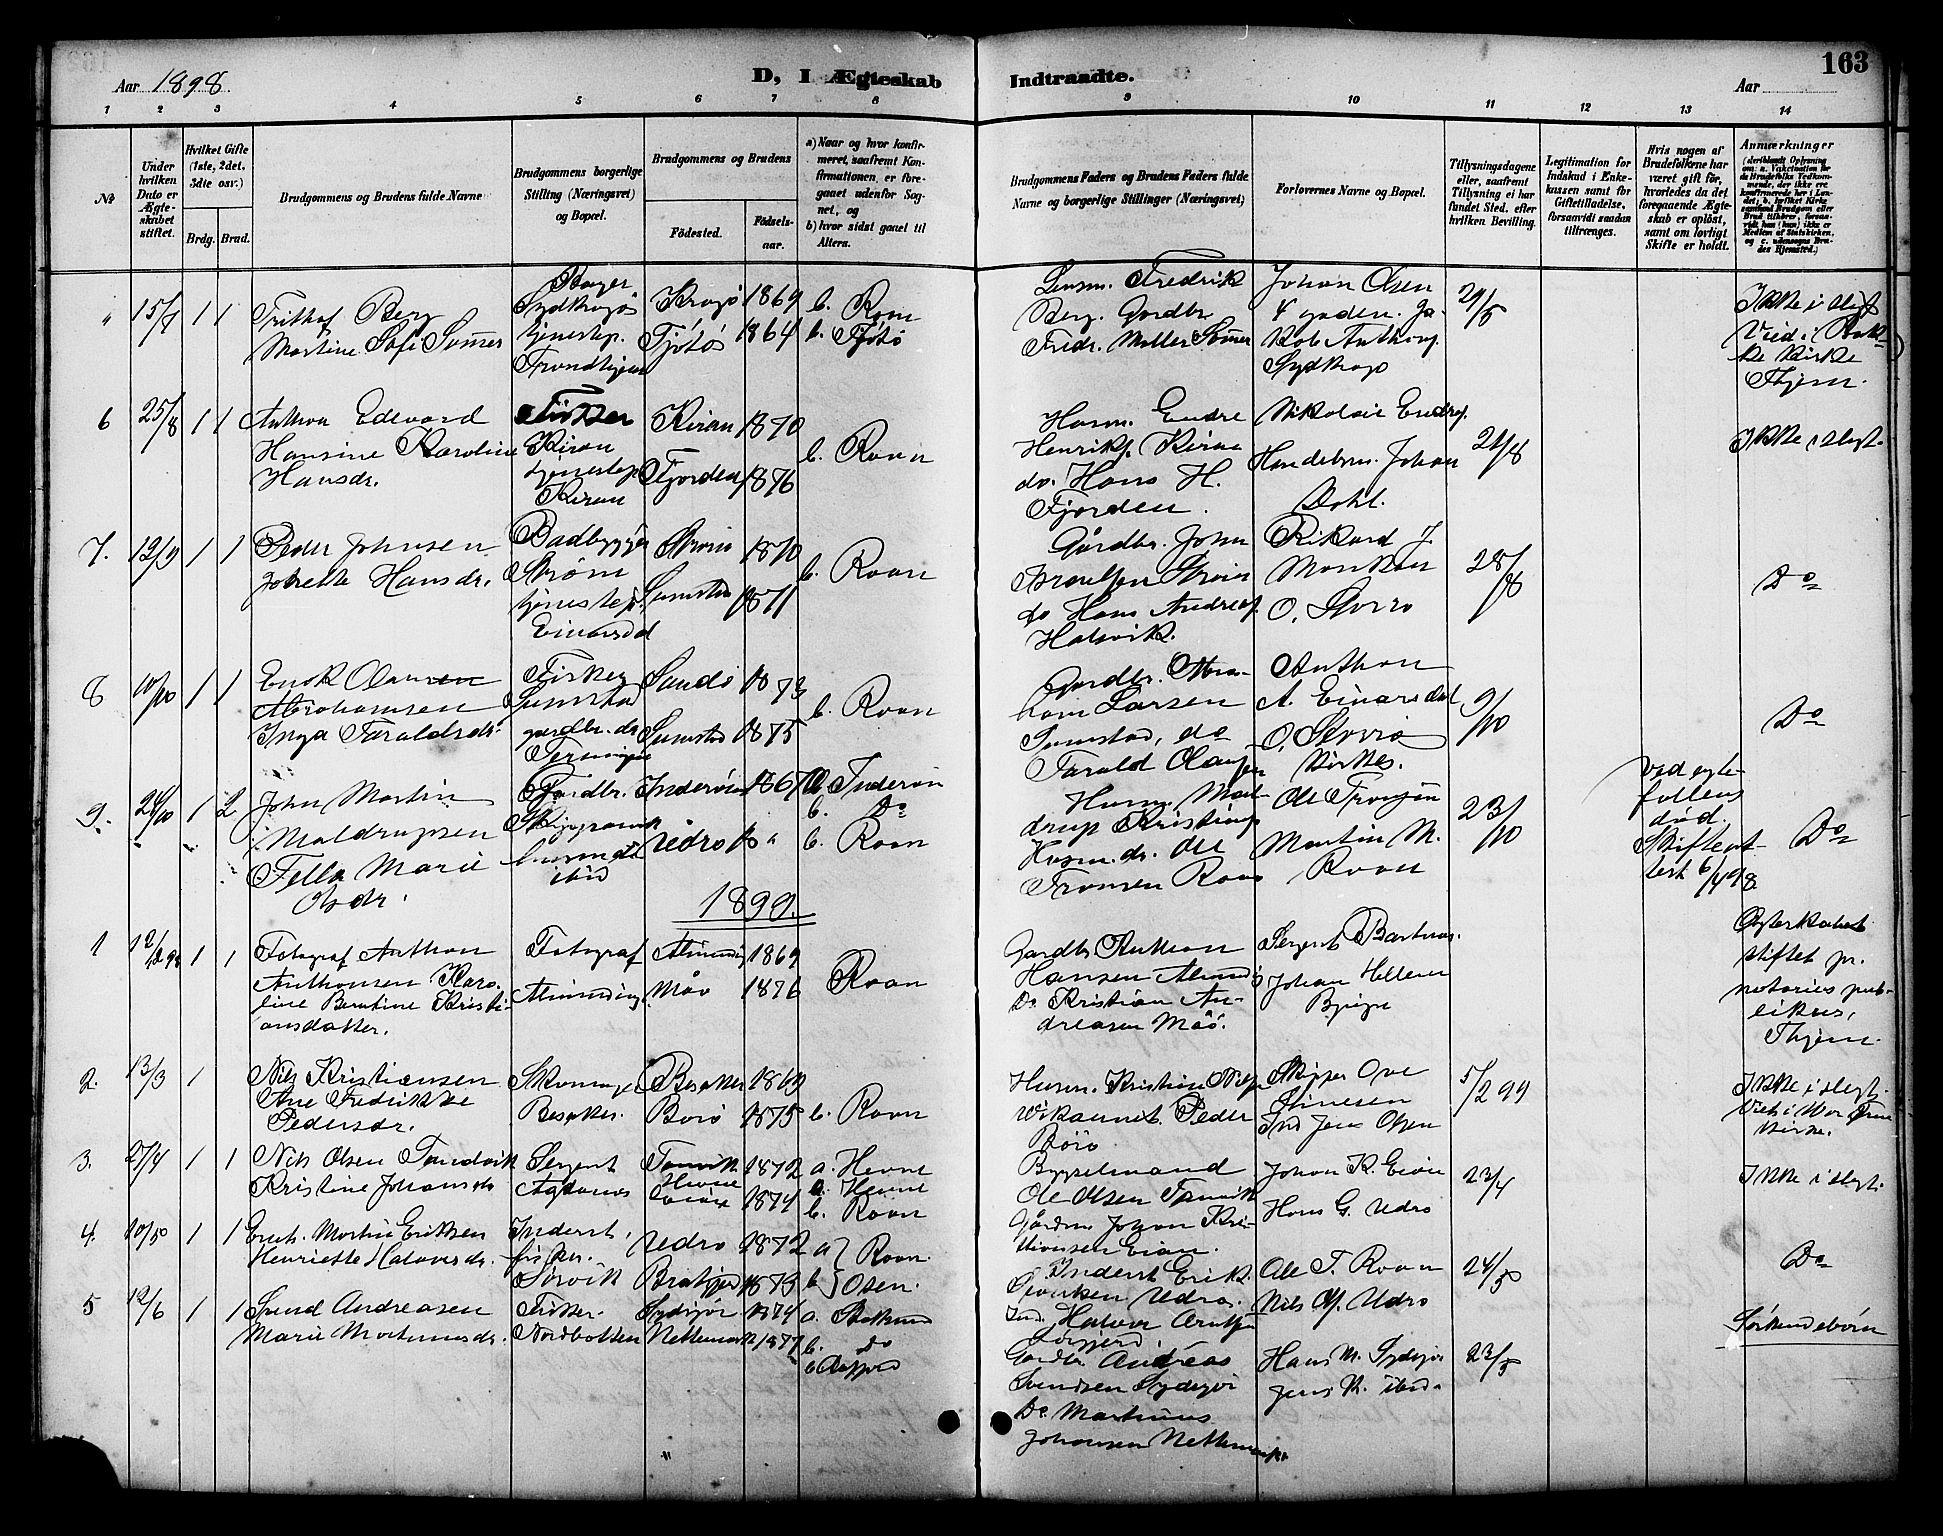 SAT, Ministerialprotokoller, klokkerbøker og fødselsregistre - Sør-Trøndelag, 657/L0716: Klokkerbok nr. 657C03, 1889-1904, s. 163